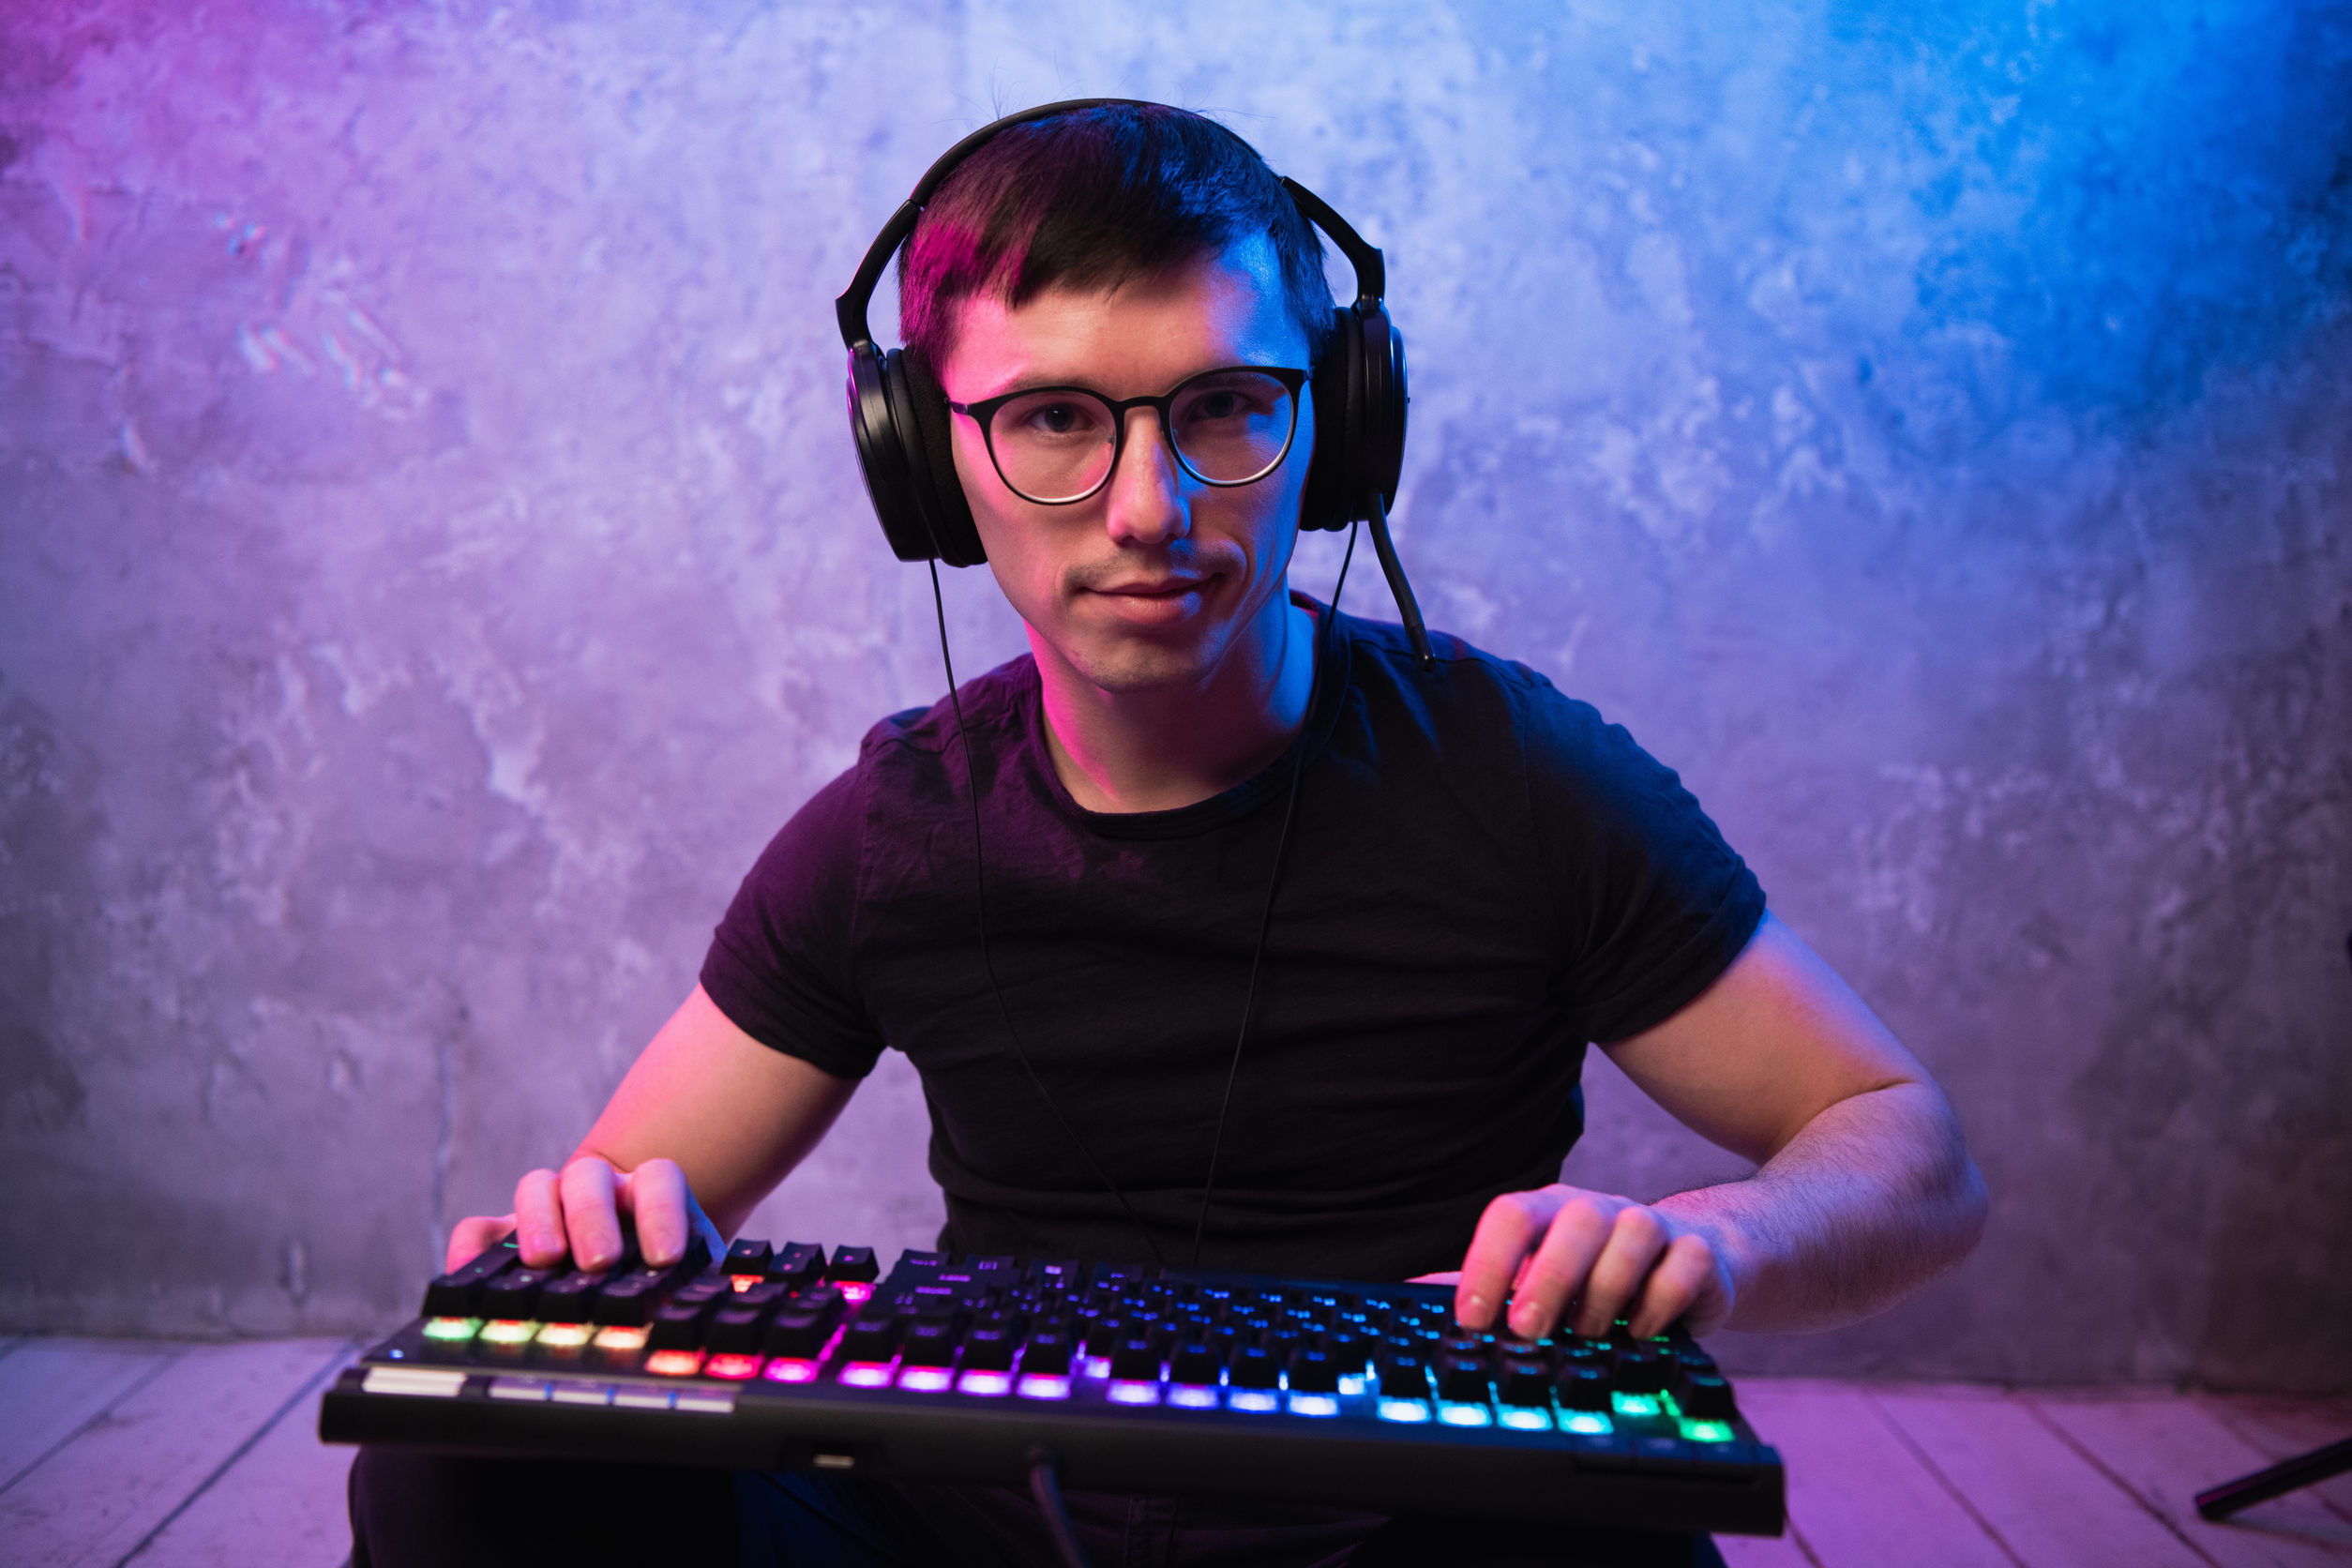 Teclado Gamer: ¿Cuál es el mejor del 2021?